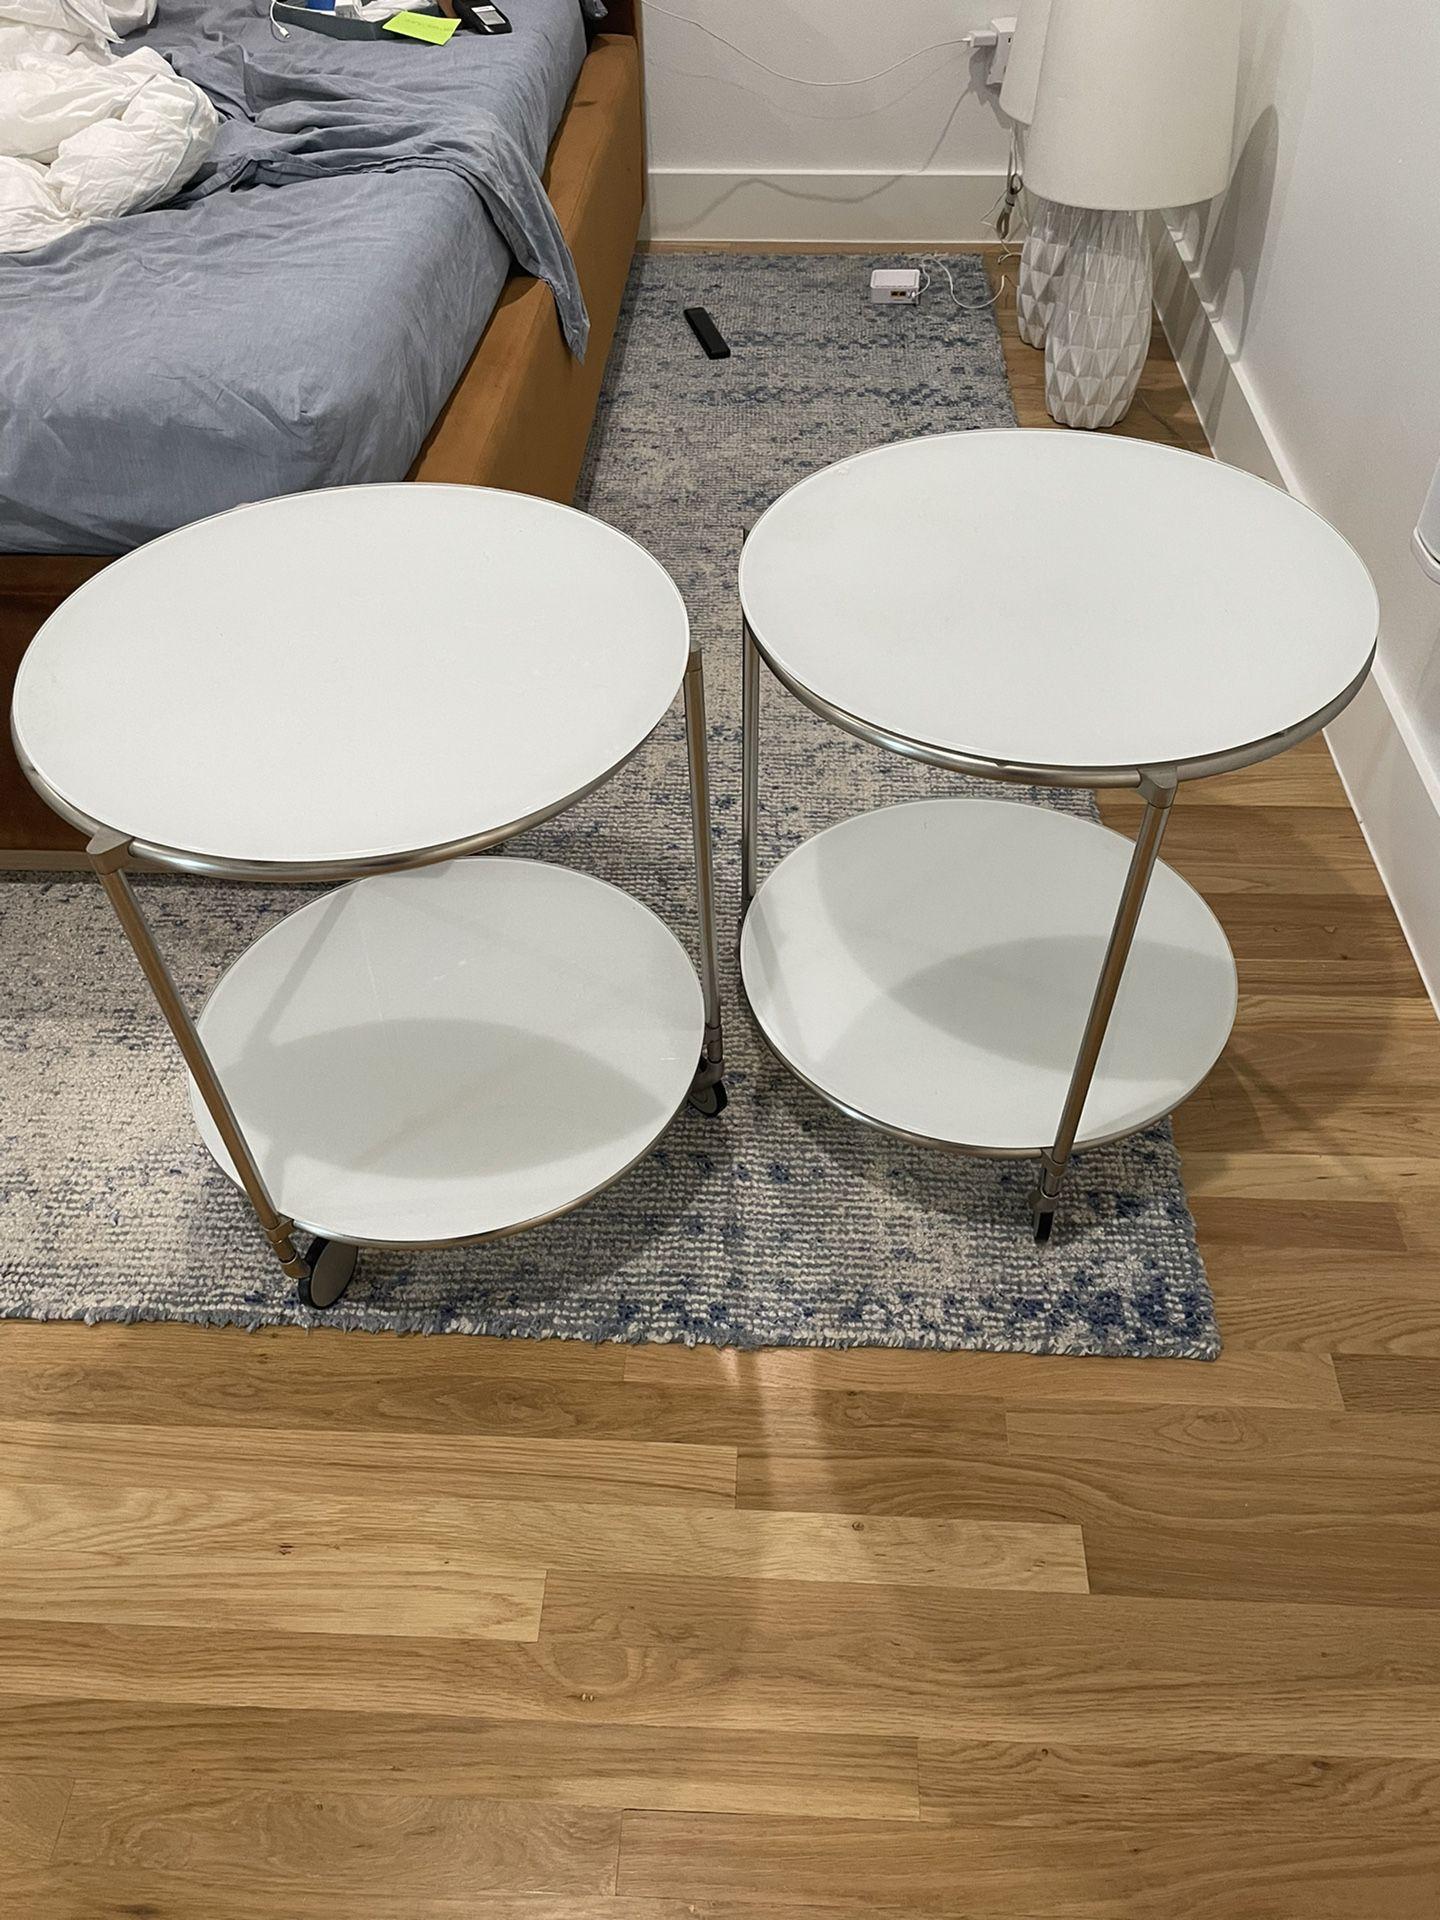 2 Nightstands,  IKEA